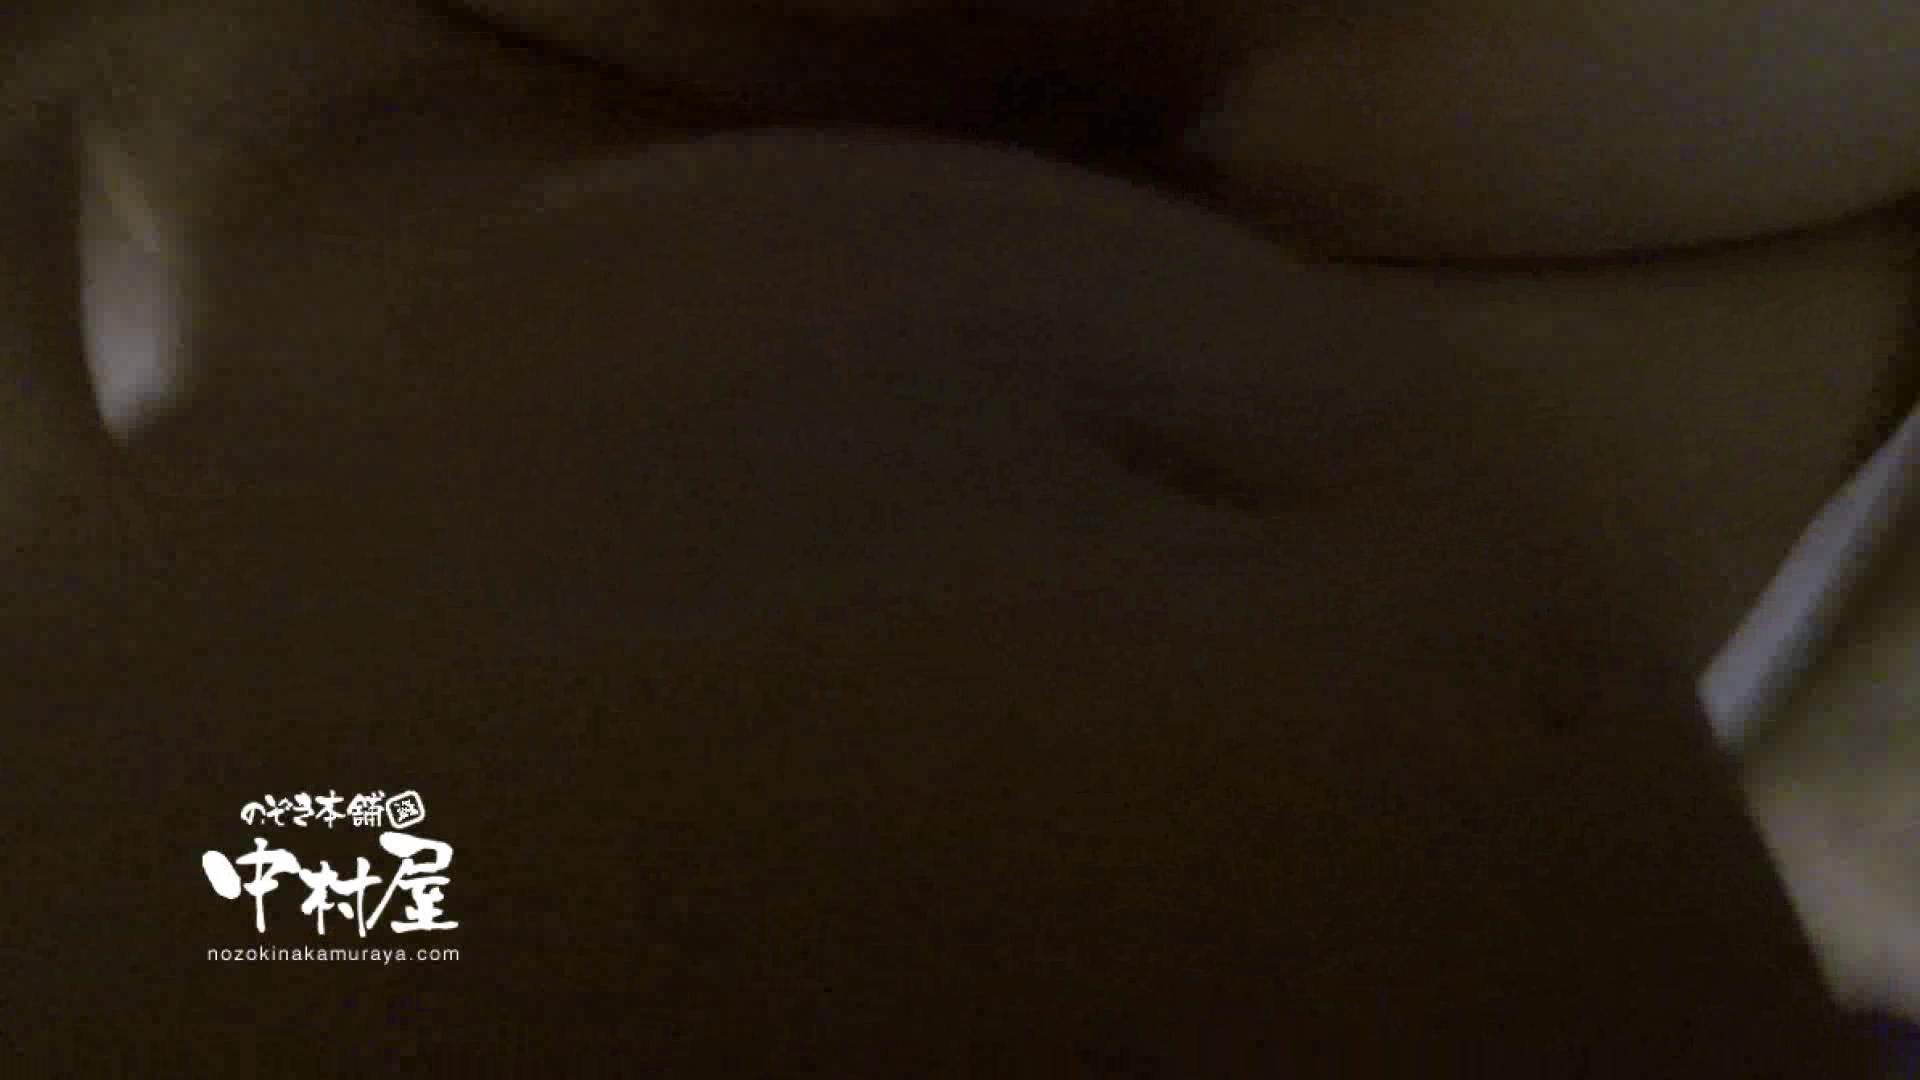 鬼畜 vol.08 極悪!妊娠覚悟の中出し! 後編 鬼畜 盗撮オマンコ無修正動画無料 48画像 29